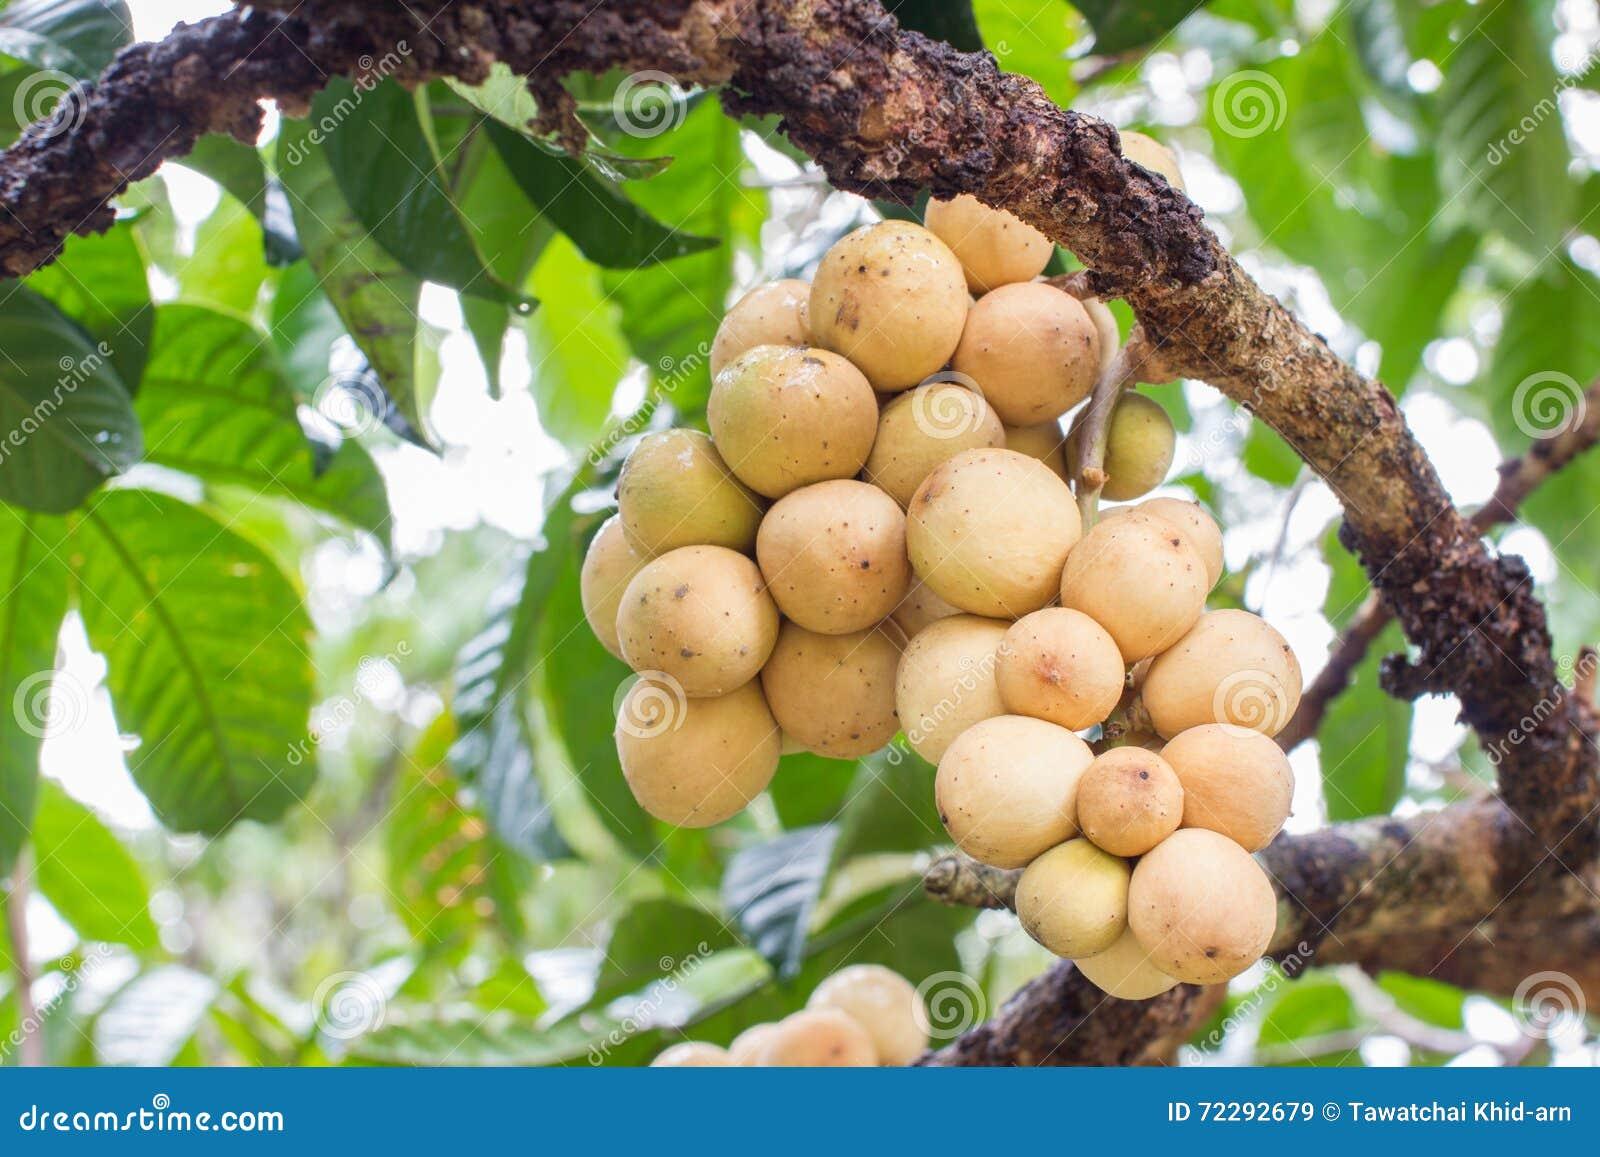 Download Свежее южное Langsat на своем дереве после идти дождь в Таиланде Стоковое Изображение - изображение насчитывающей плодоовощ, поле: 72292679